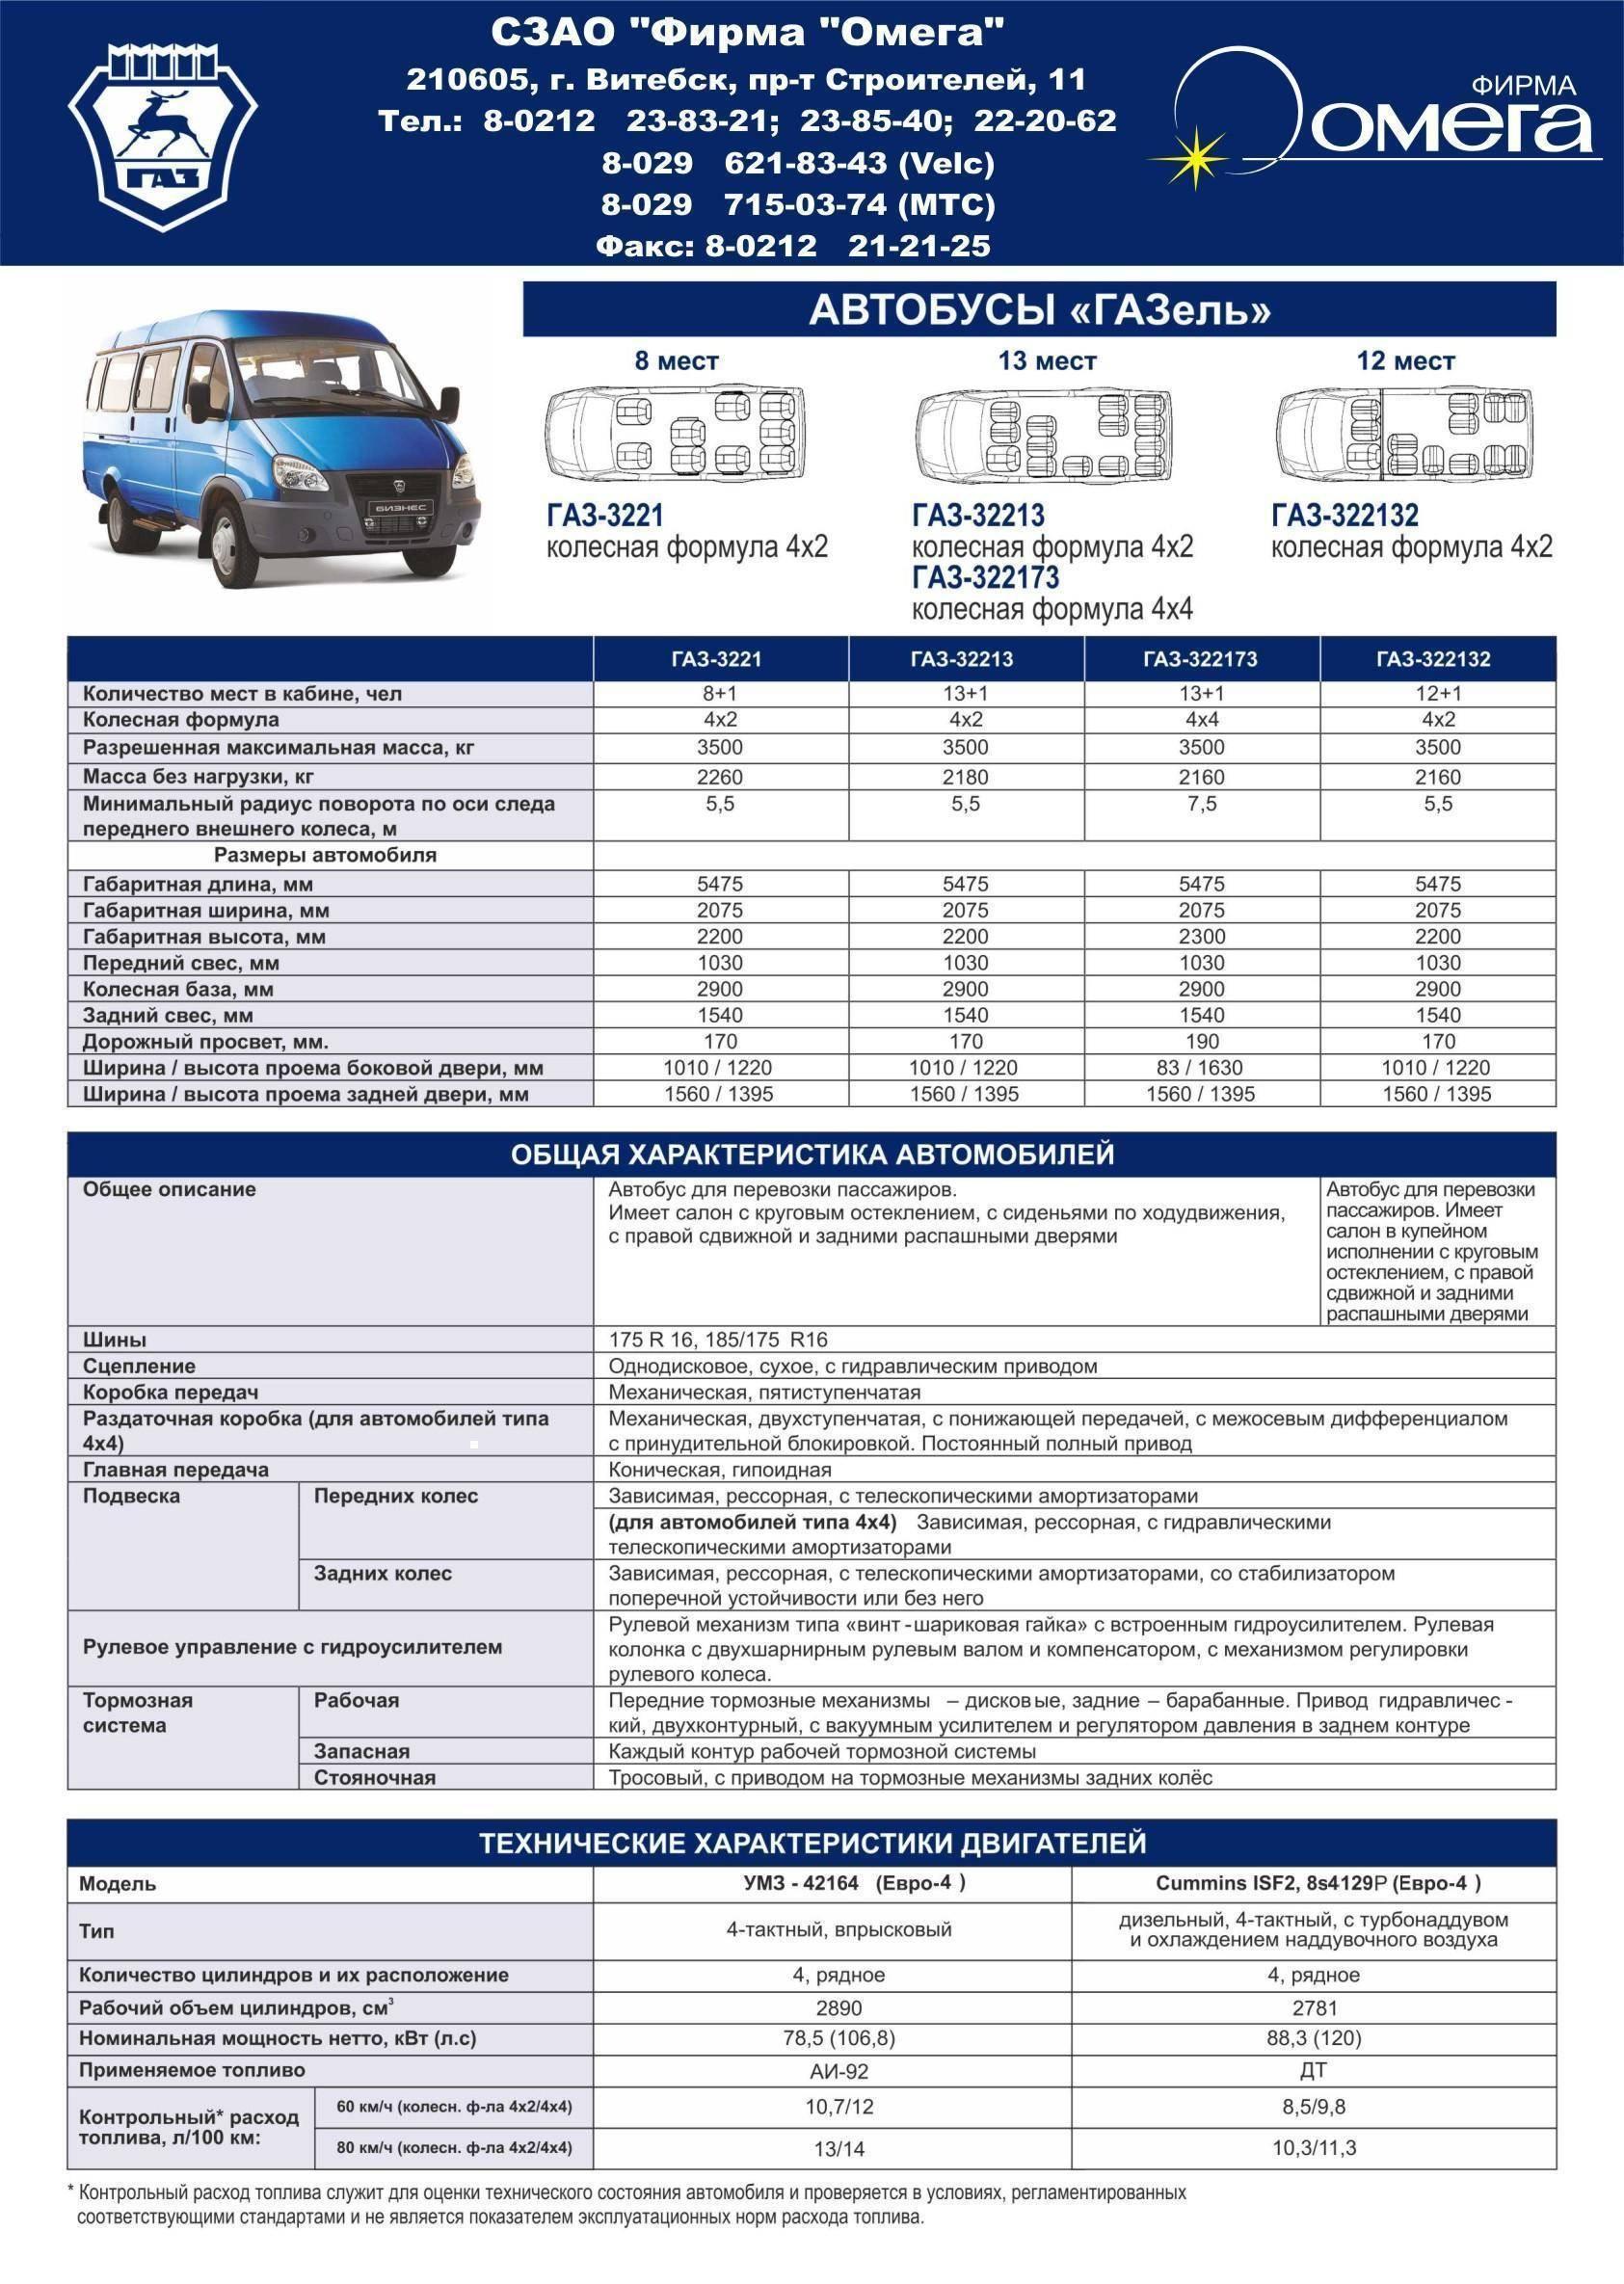 Газ 3221 - популярные микроавтобусы с недорогим обслуживанием